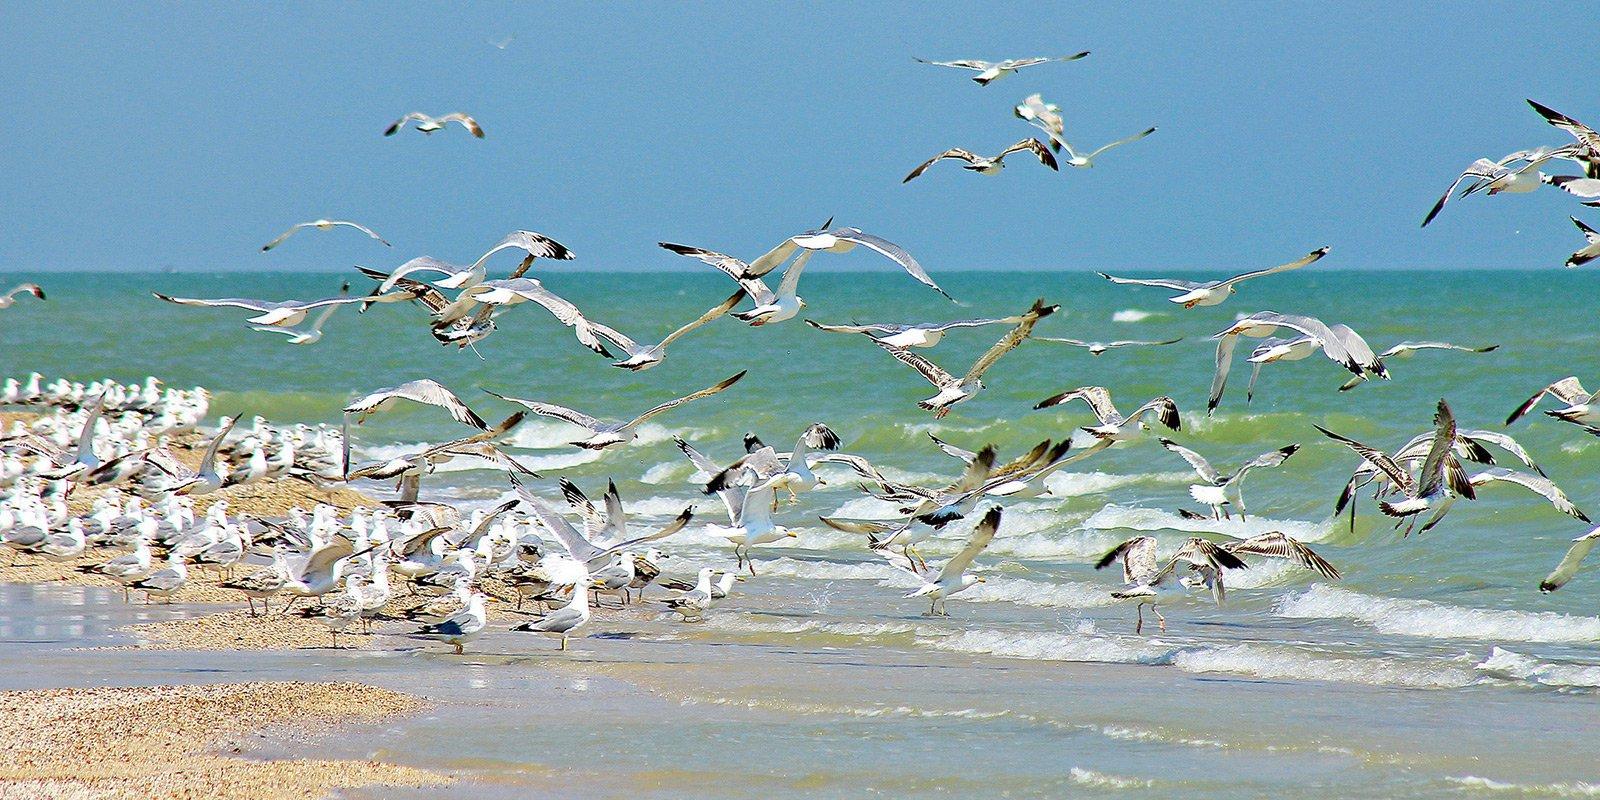 Через острів Бірючий пролягає перелітний шлях птахів. Навесні і восени біля берегів і на лиманах збираються величезні зграї водоплавної птиці: кулики, чайки, казарки та інші.